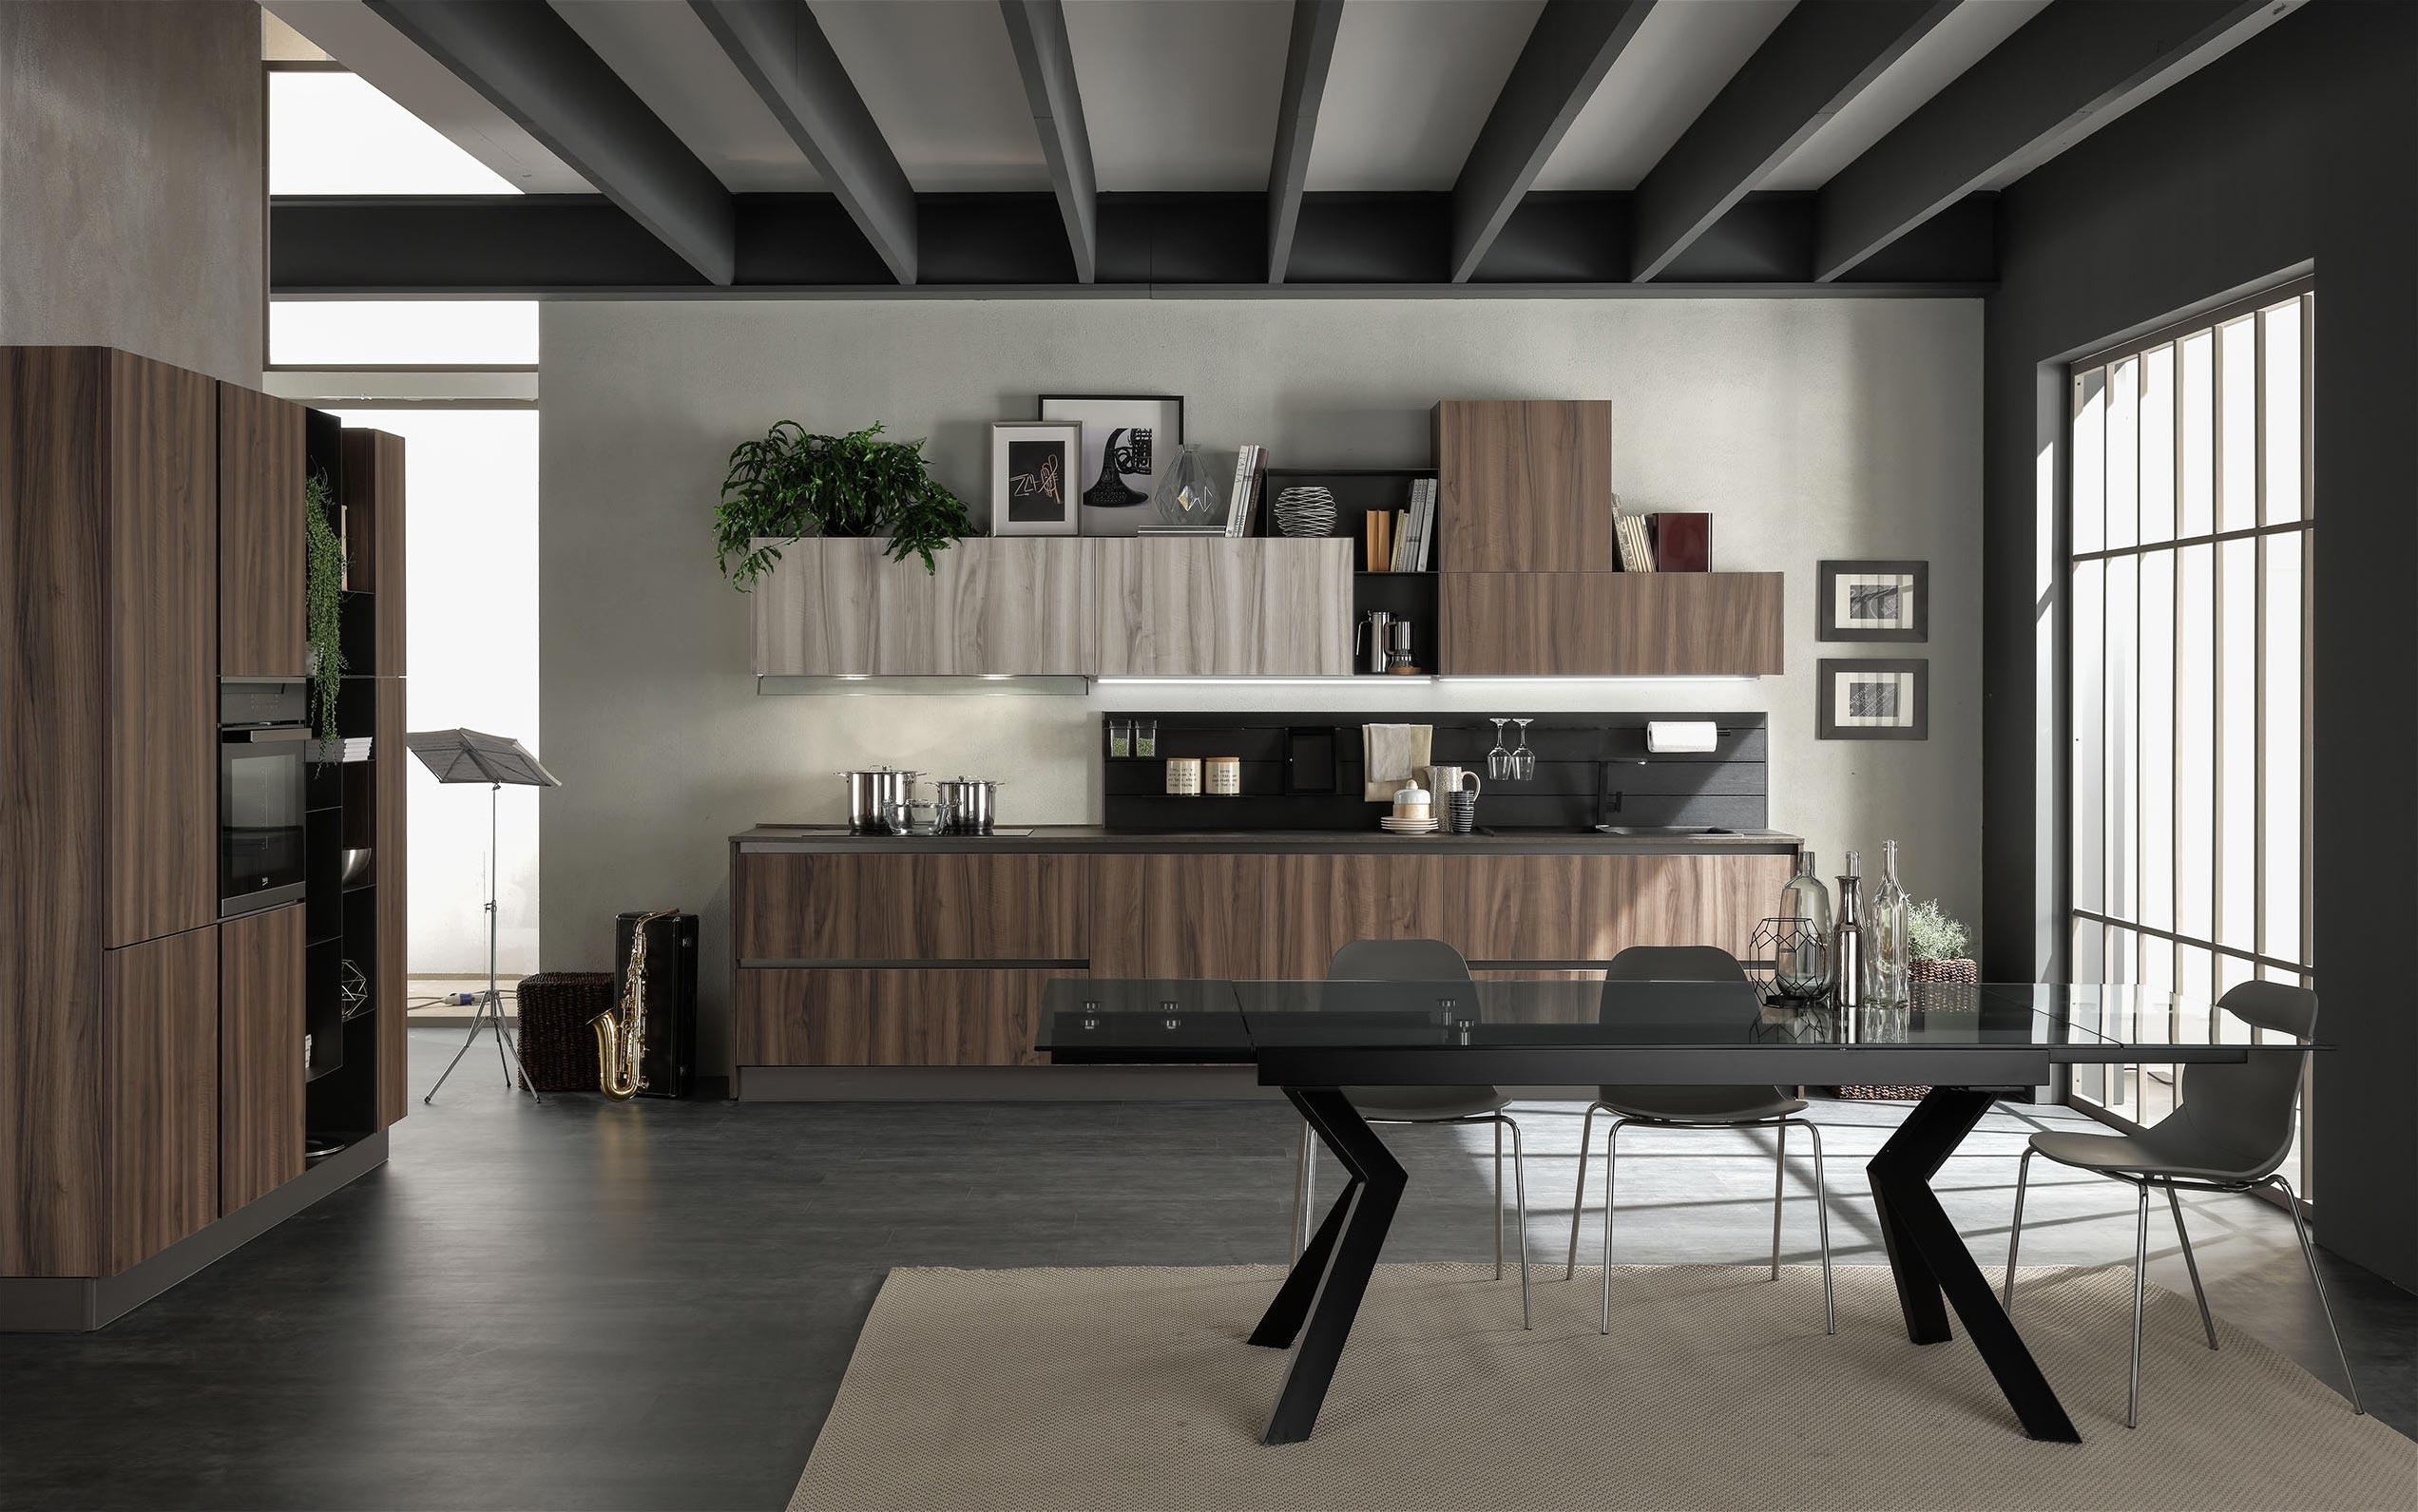 Cucina moderna con composizioni modulari di diversa altezza e profondità per un allestimento total look dello spazio cucina-living